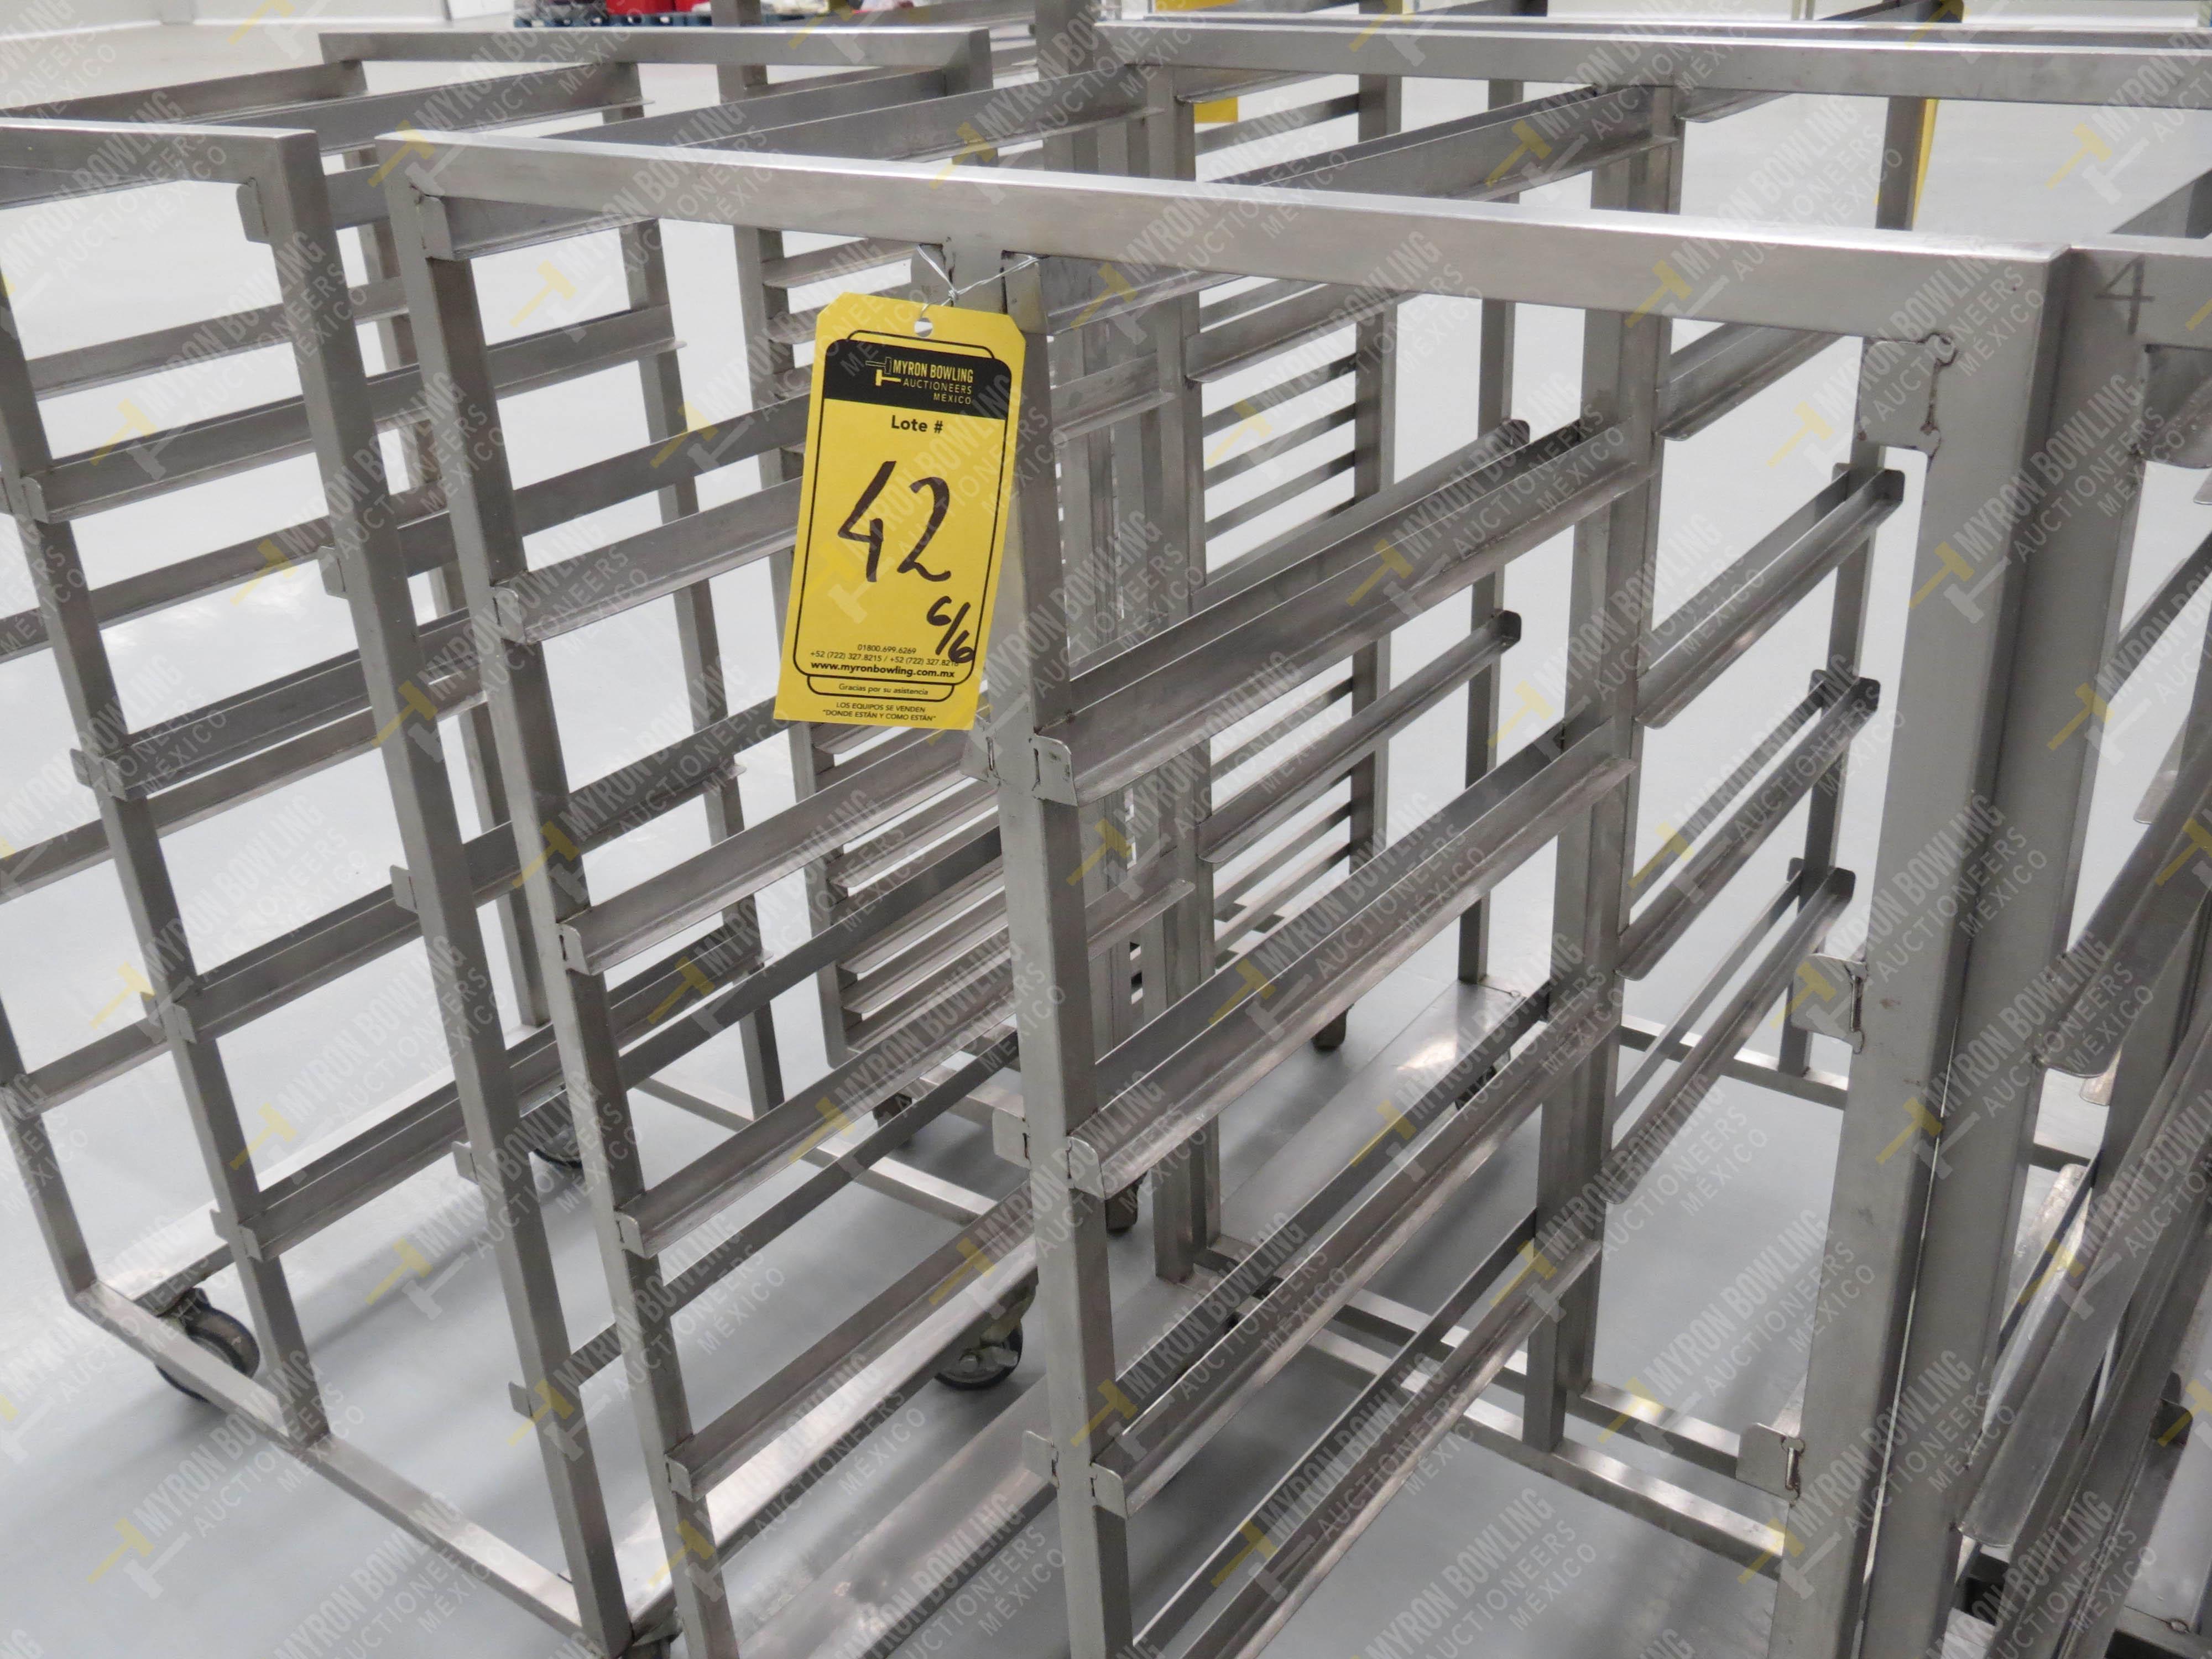 Túnel de congelación de alimentos marca Criocabin, Modelo G130020, No. de Serie 29535666 … - Image 11 of 12